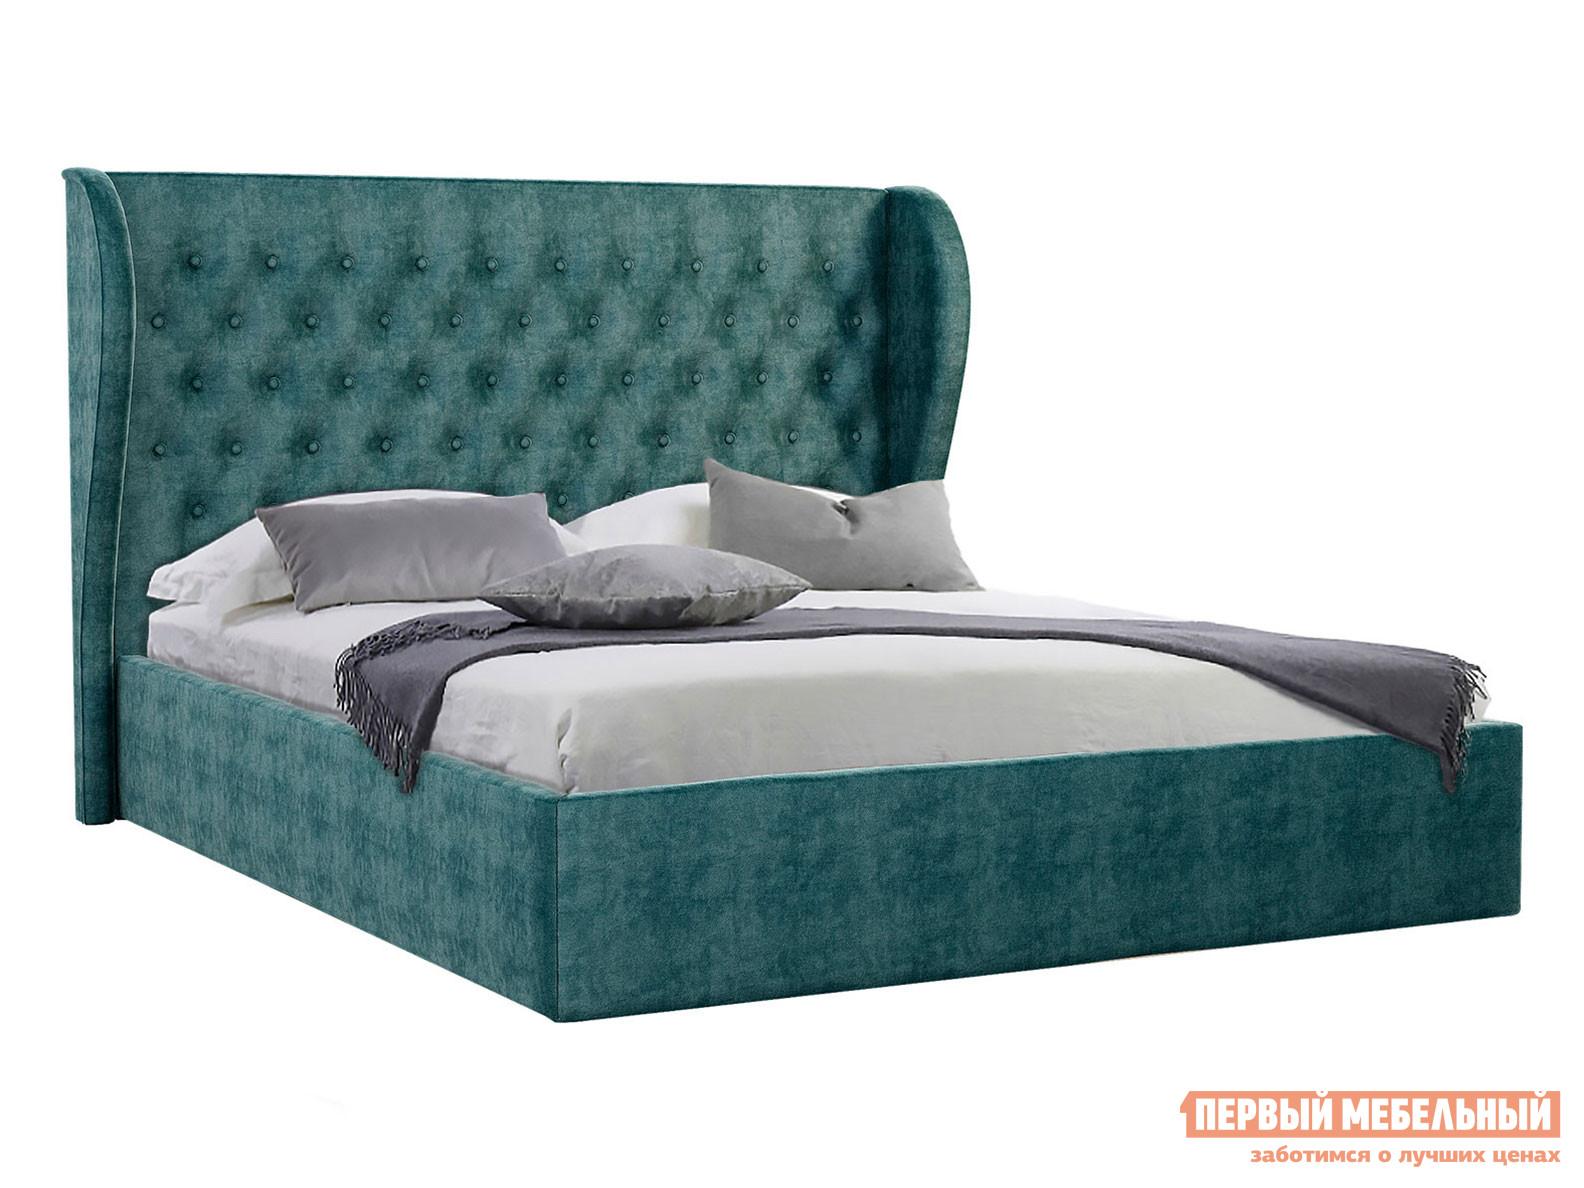 Двуспальная кровать Мебельсон Жасмин Кровать 1.6 двуспальная кровать орматек como 7